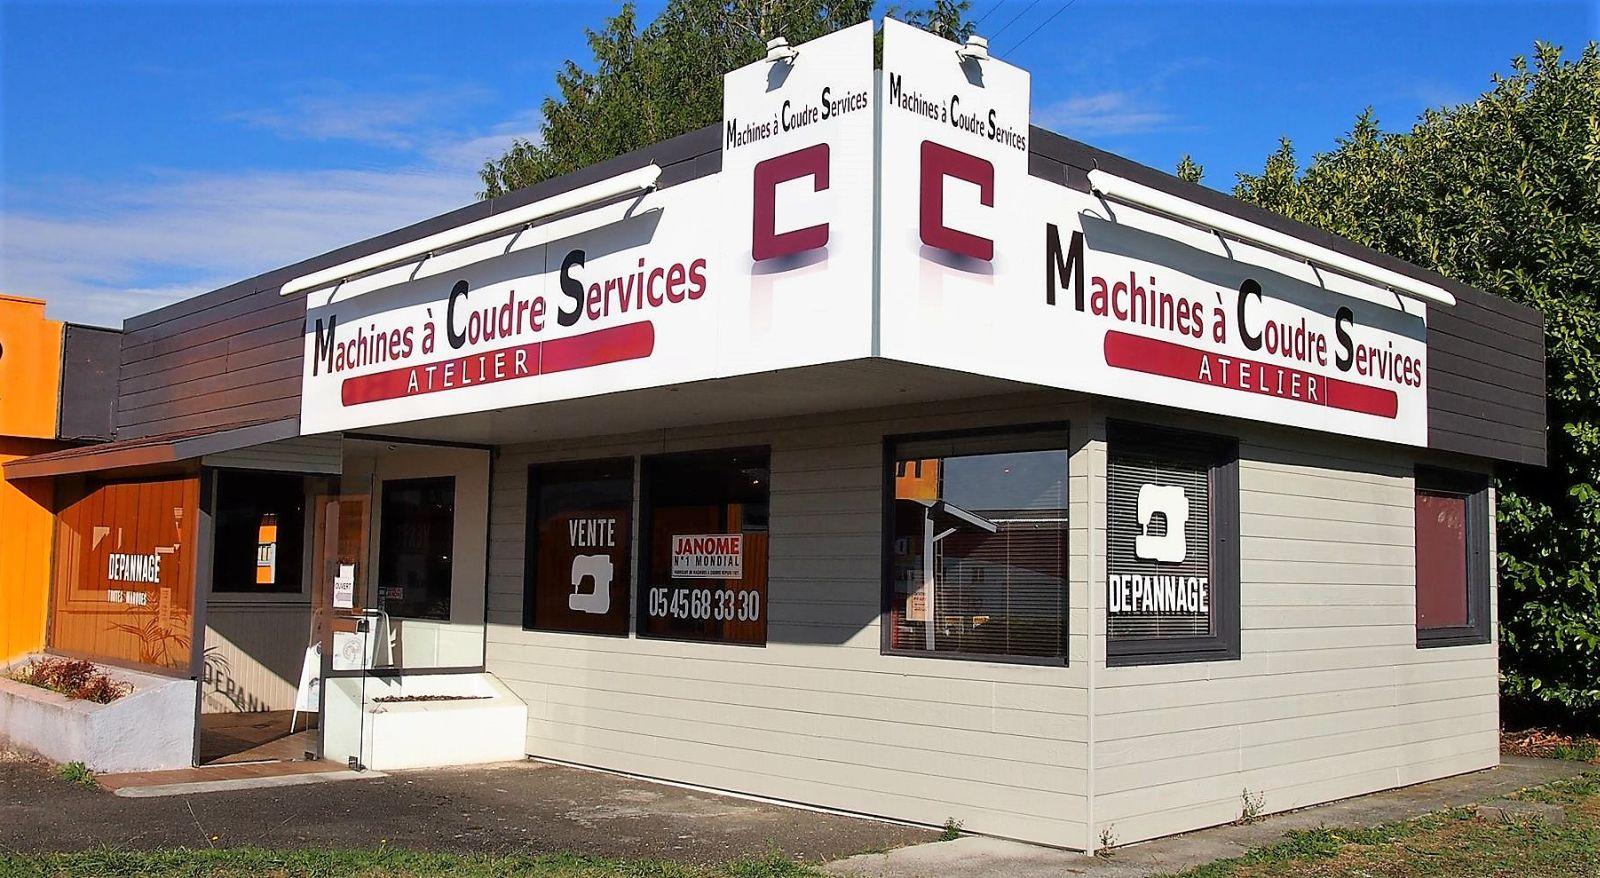 Machines à Coudre Services CHAMPNIERS